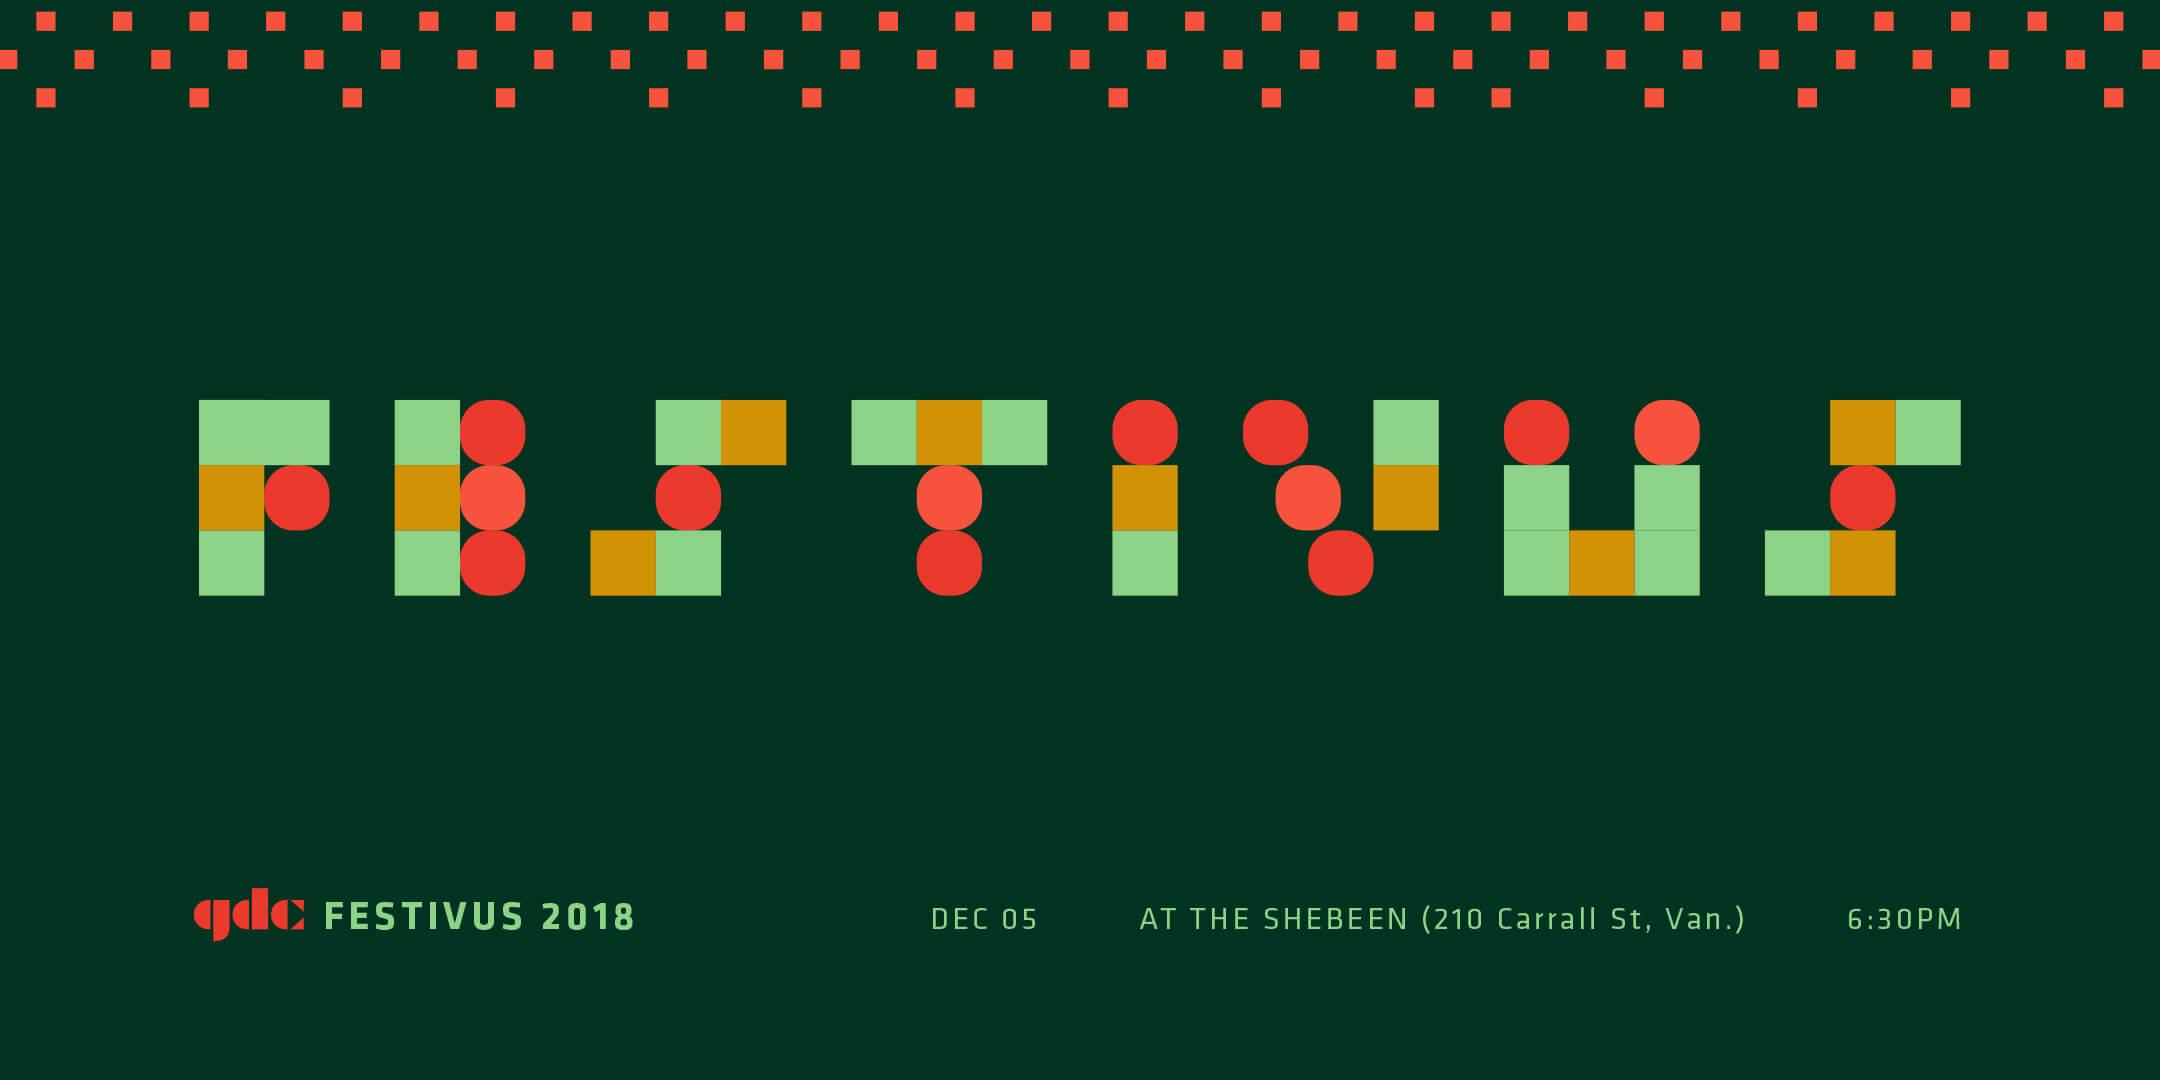 Eventbrite_GDC-Festivus2018